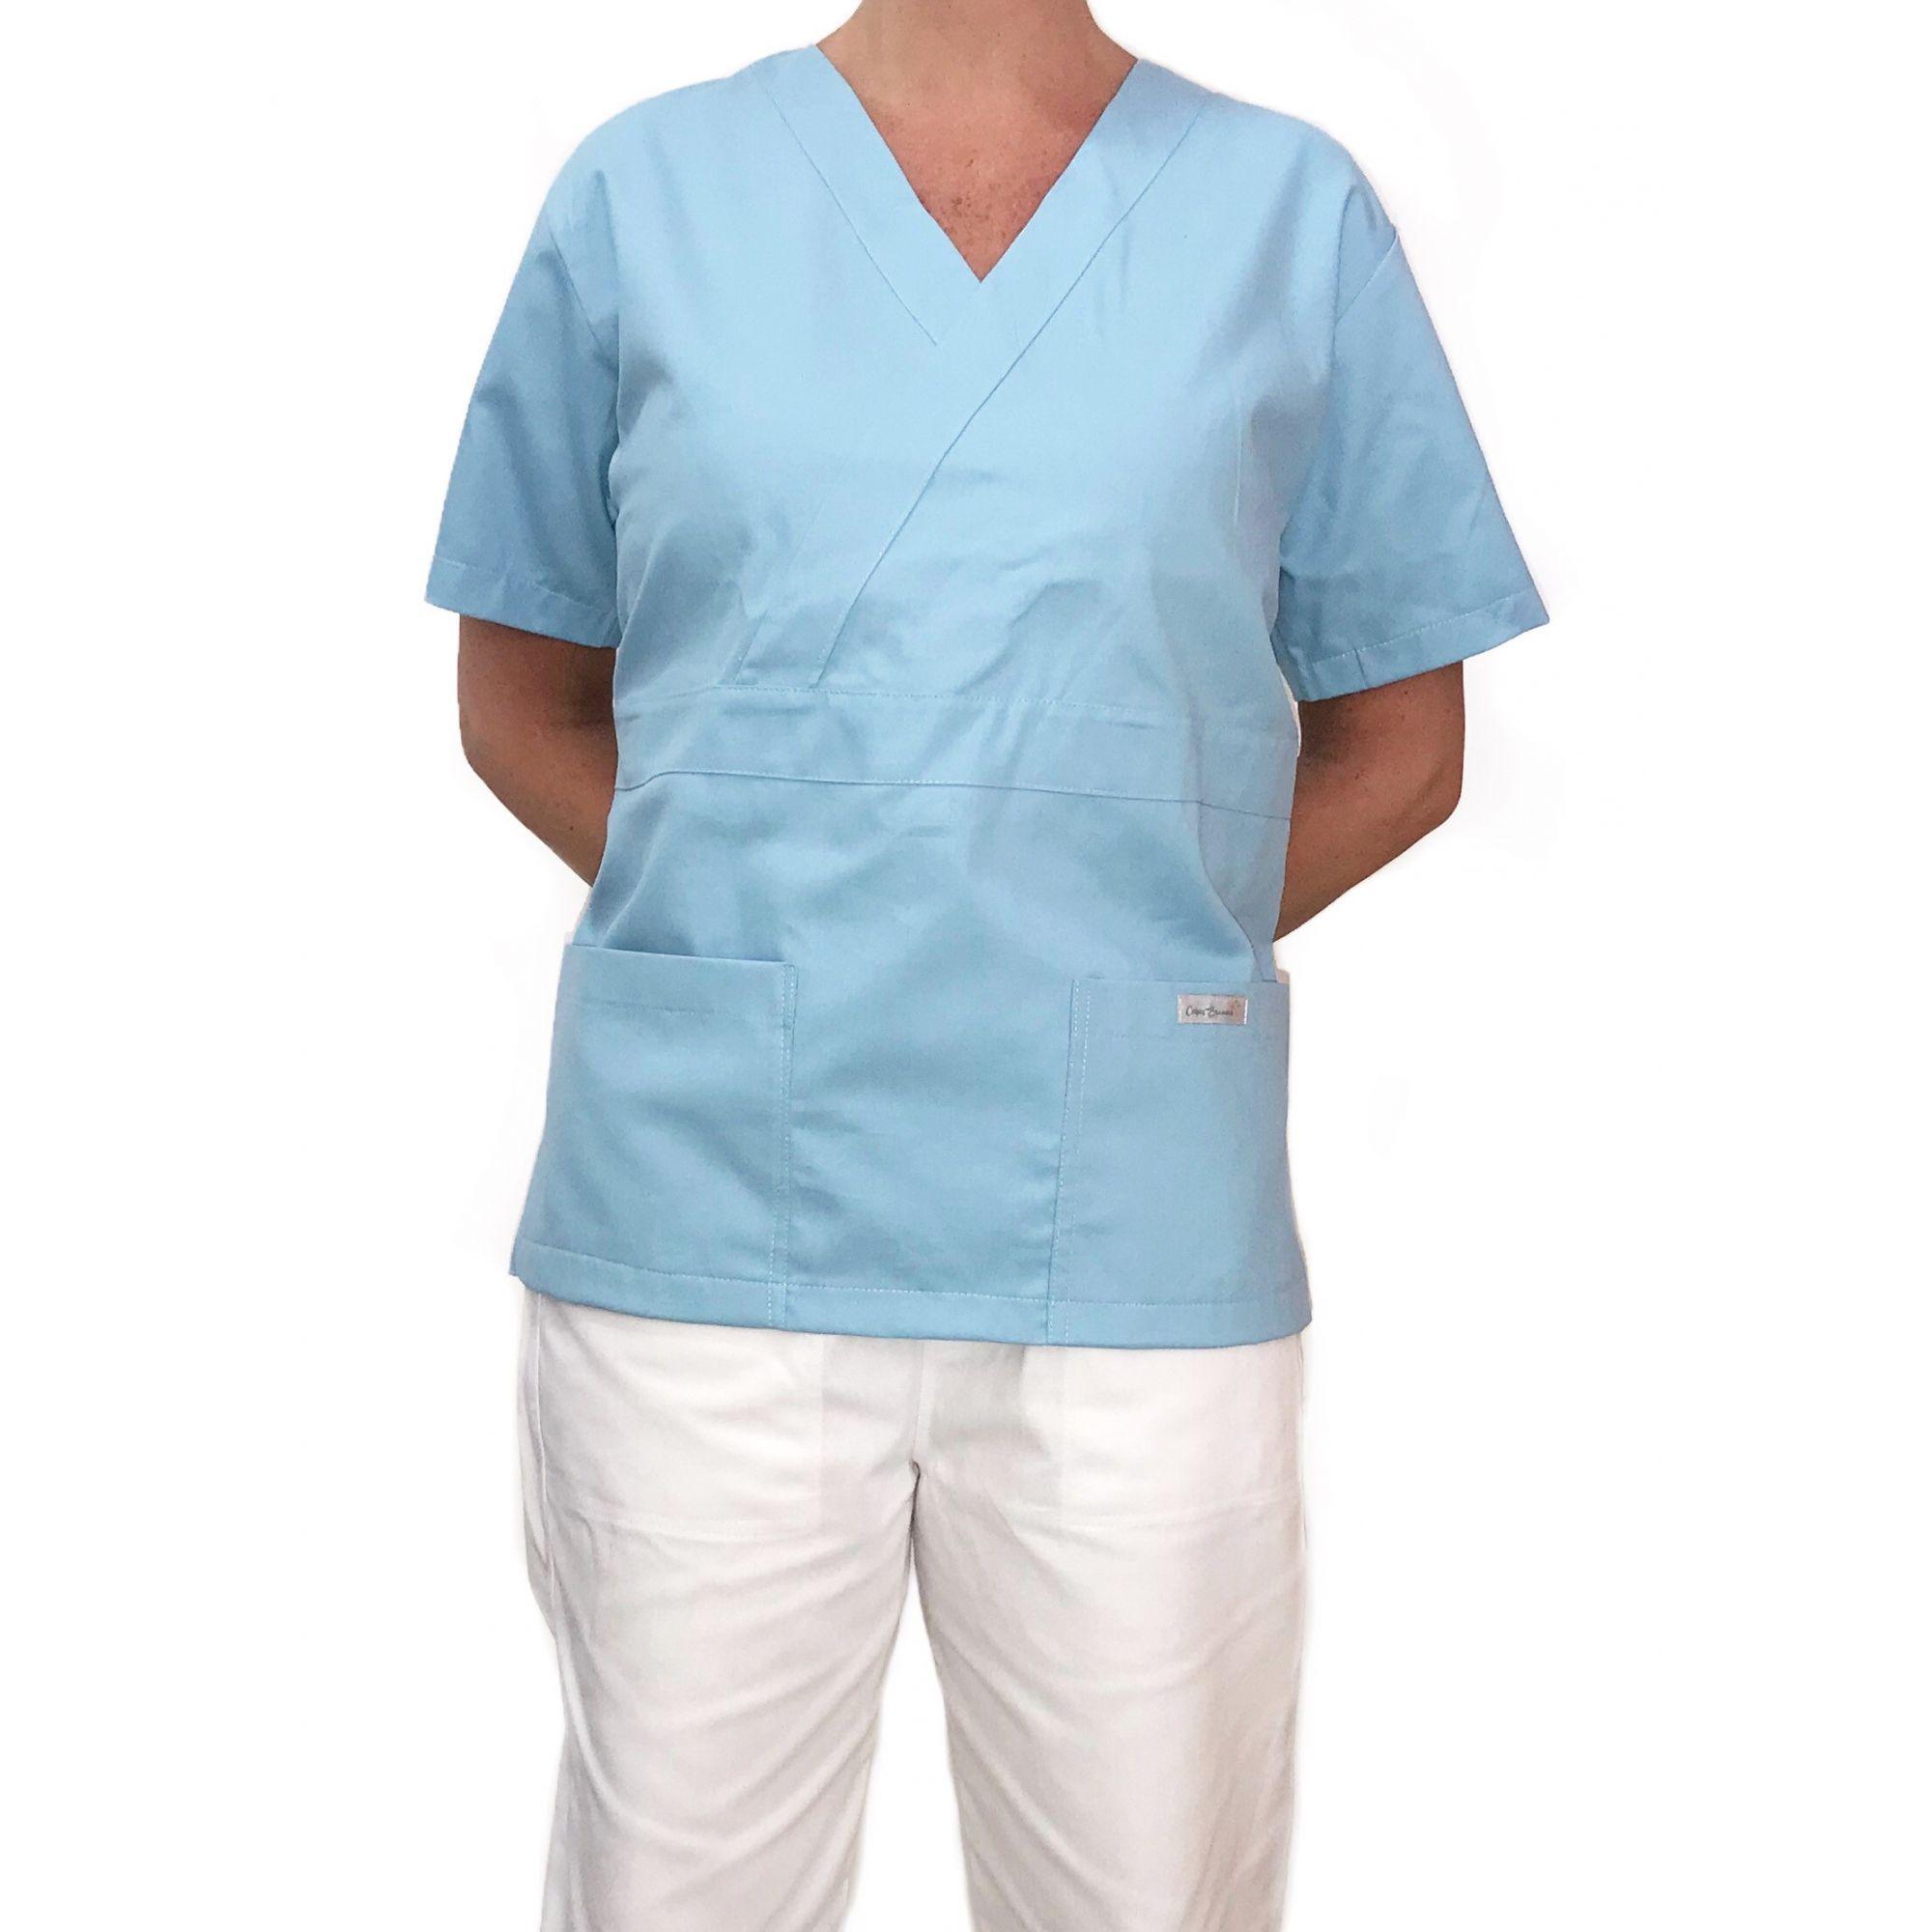 Conjunto Pijama Cirurgico SCRUB MASCULINO  Camisa AZUL CLARO e Calça BRANCA com Cordão Tecido 100% algodão